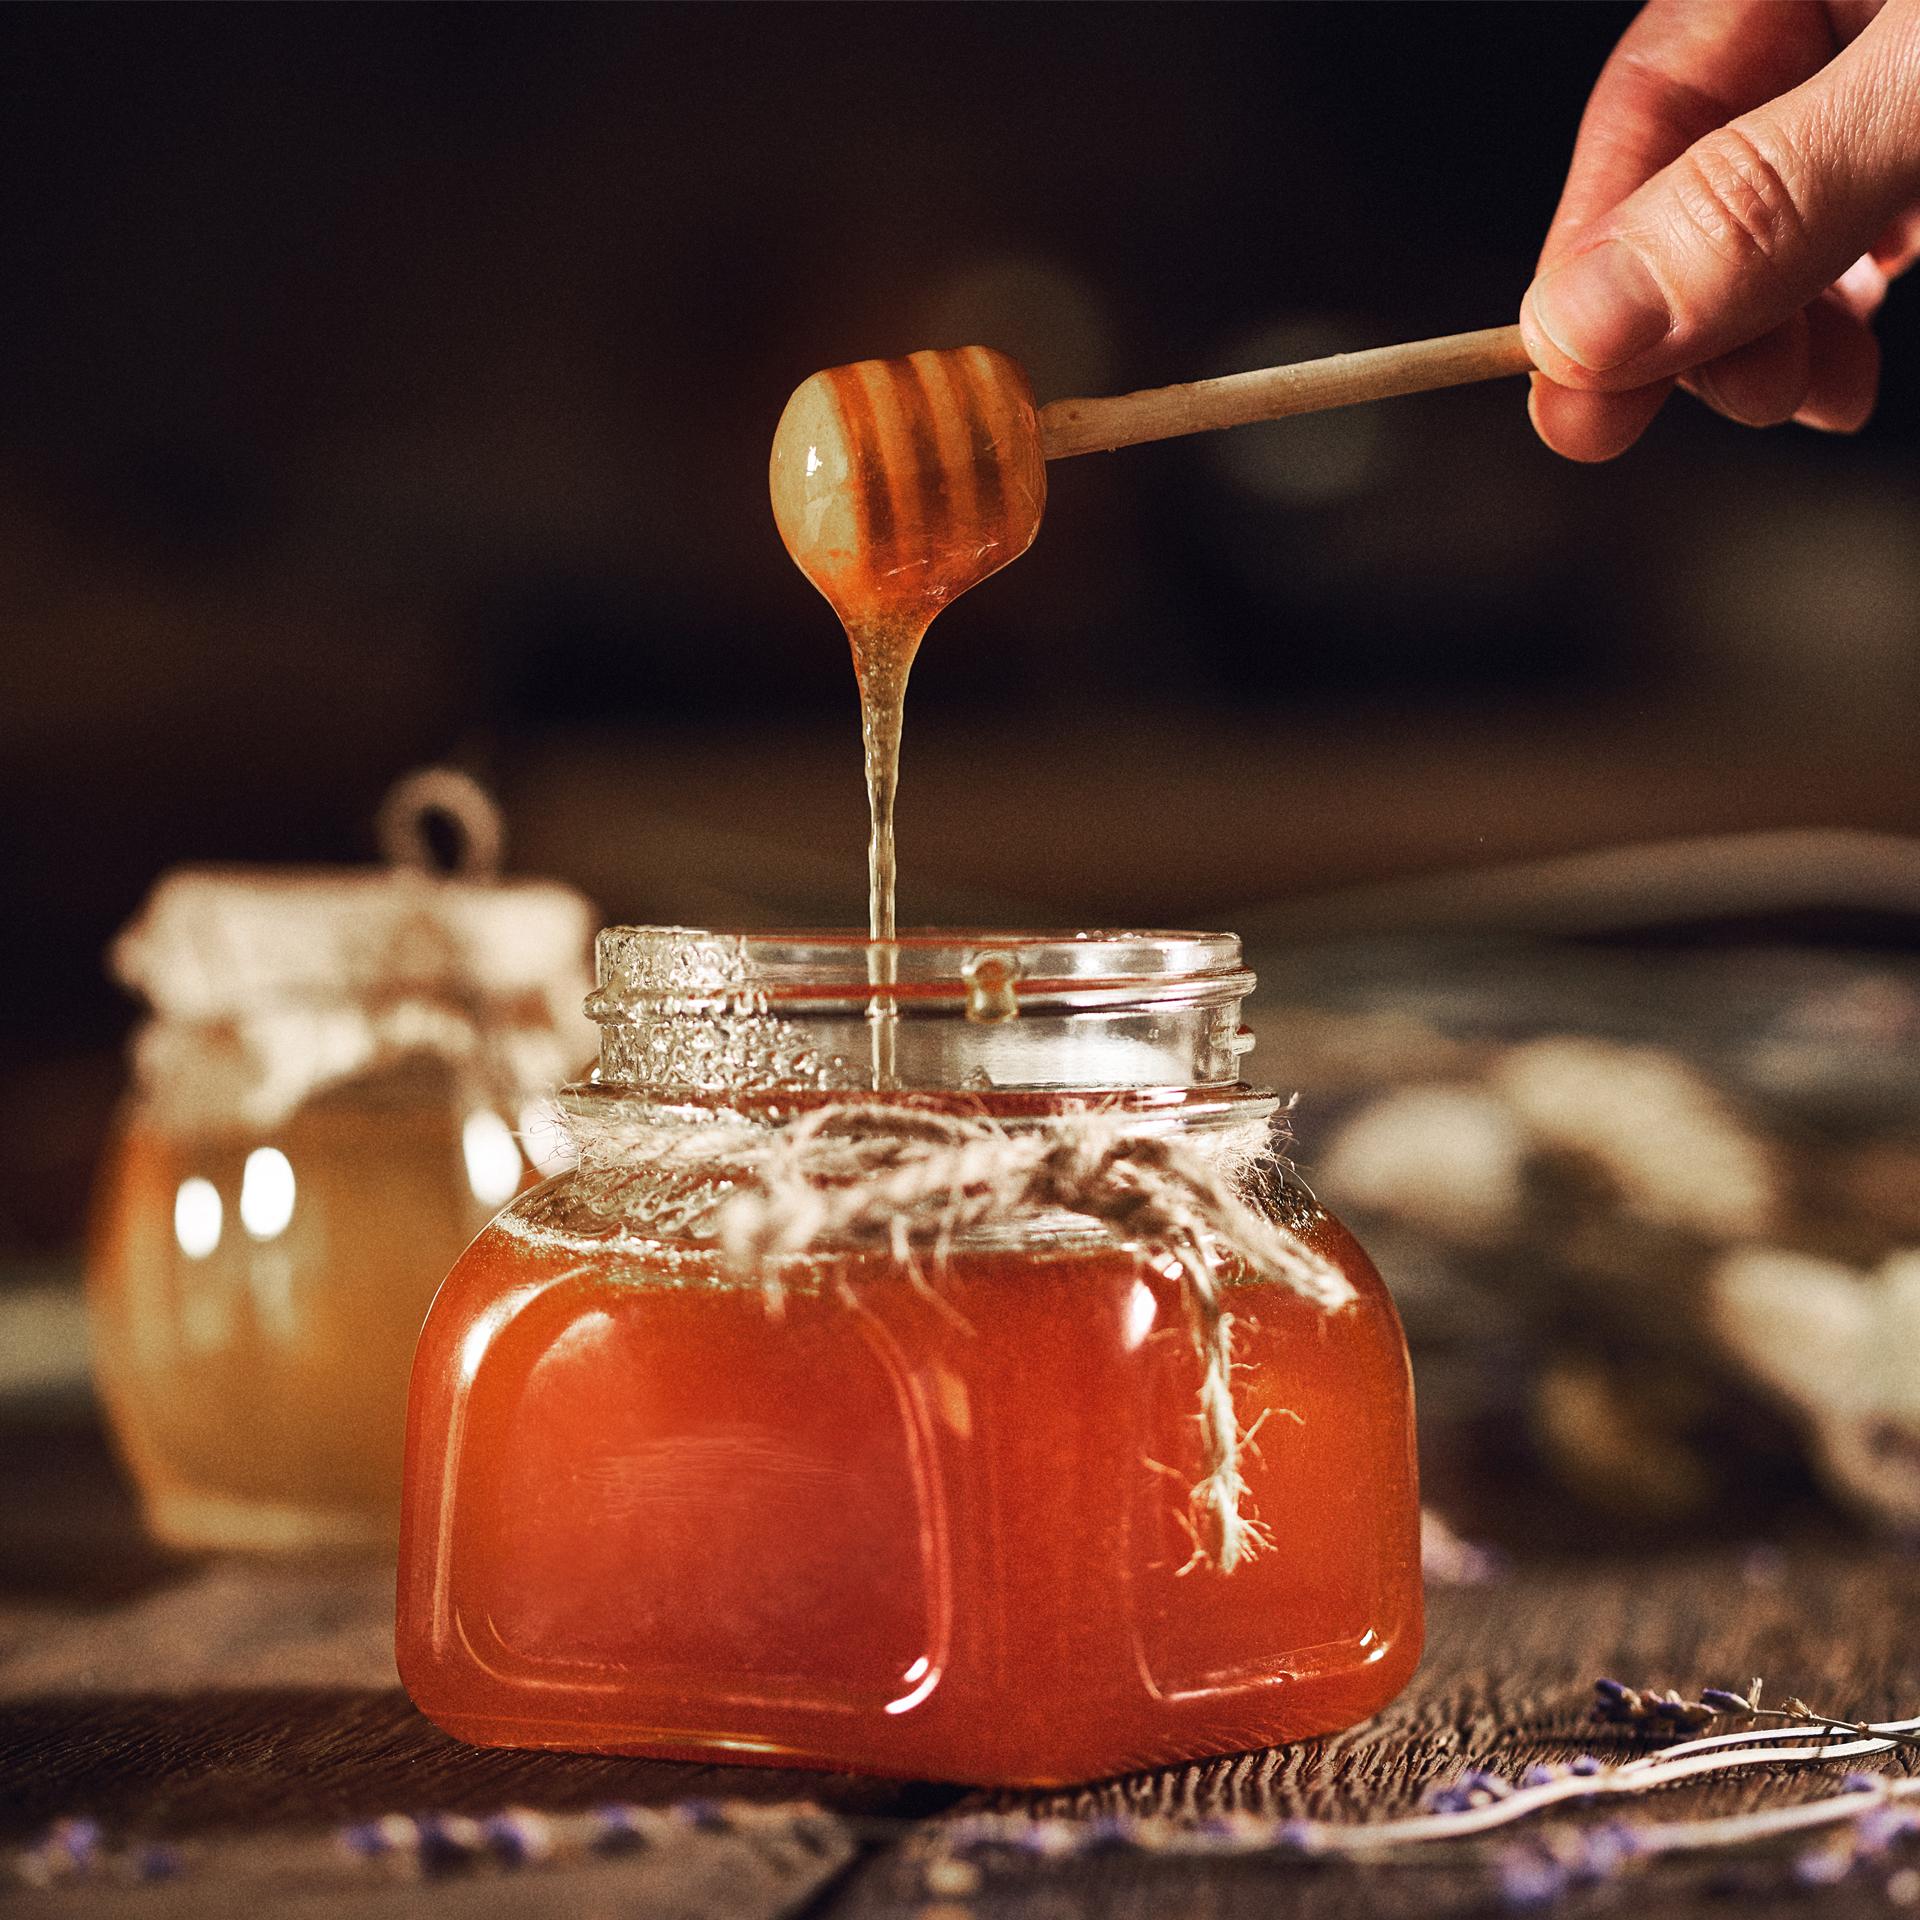 꿀 오랫동안 보관하는 방법